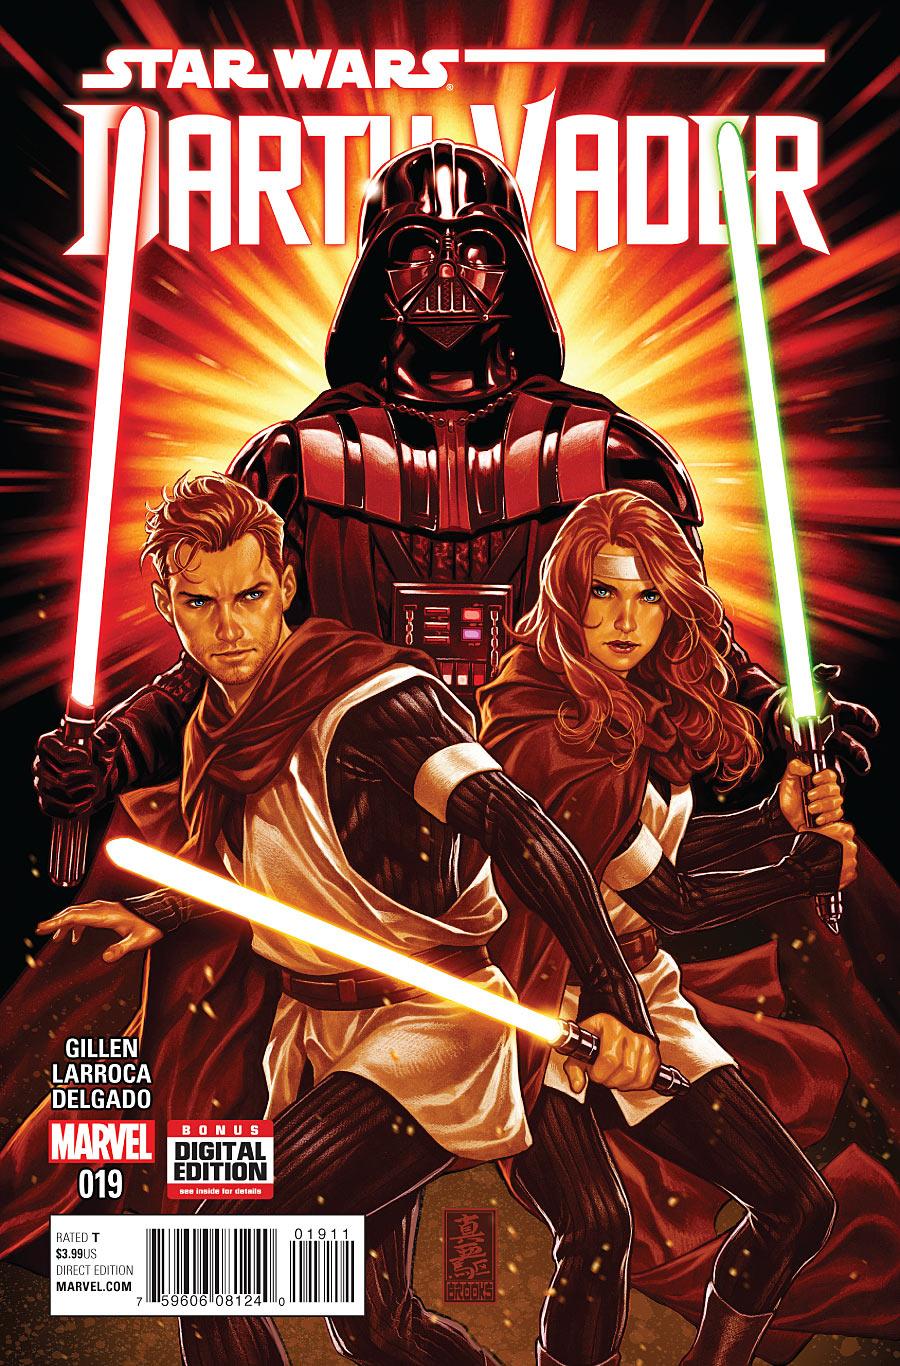 Star Wars: Darth Vader #19